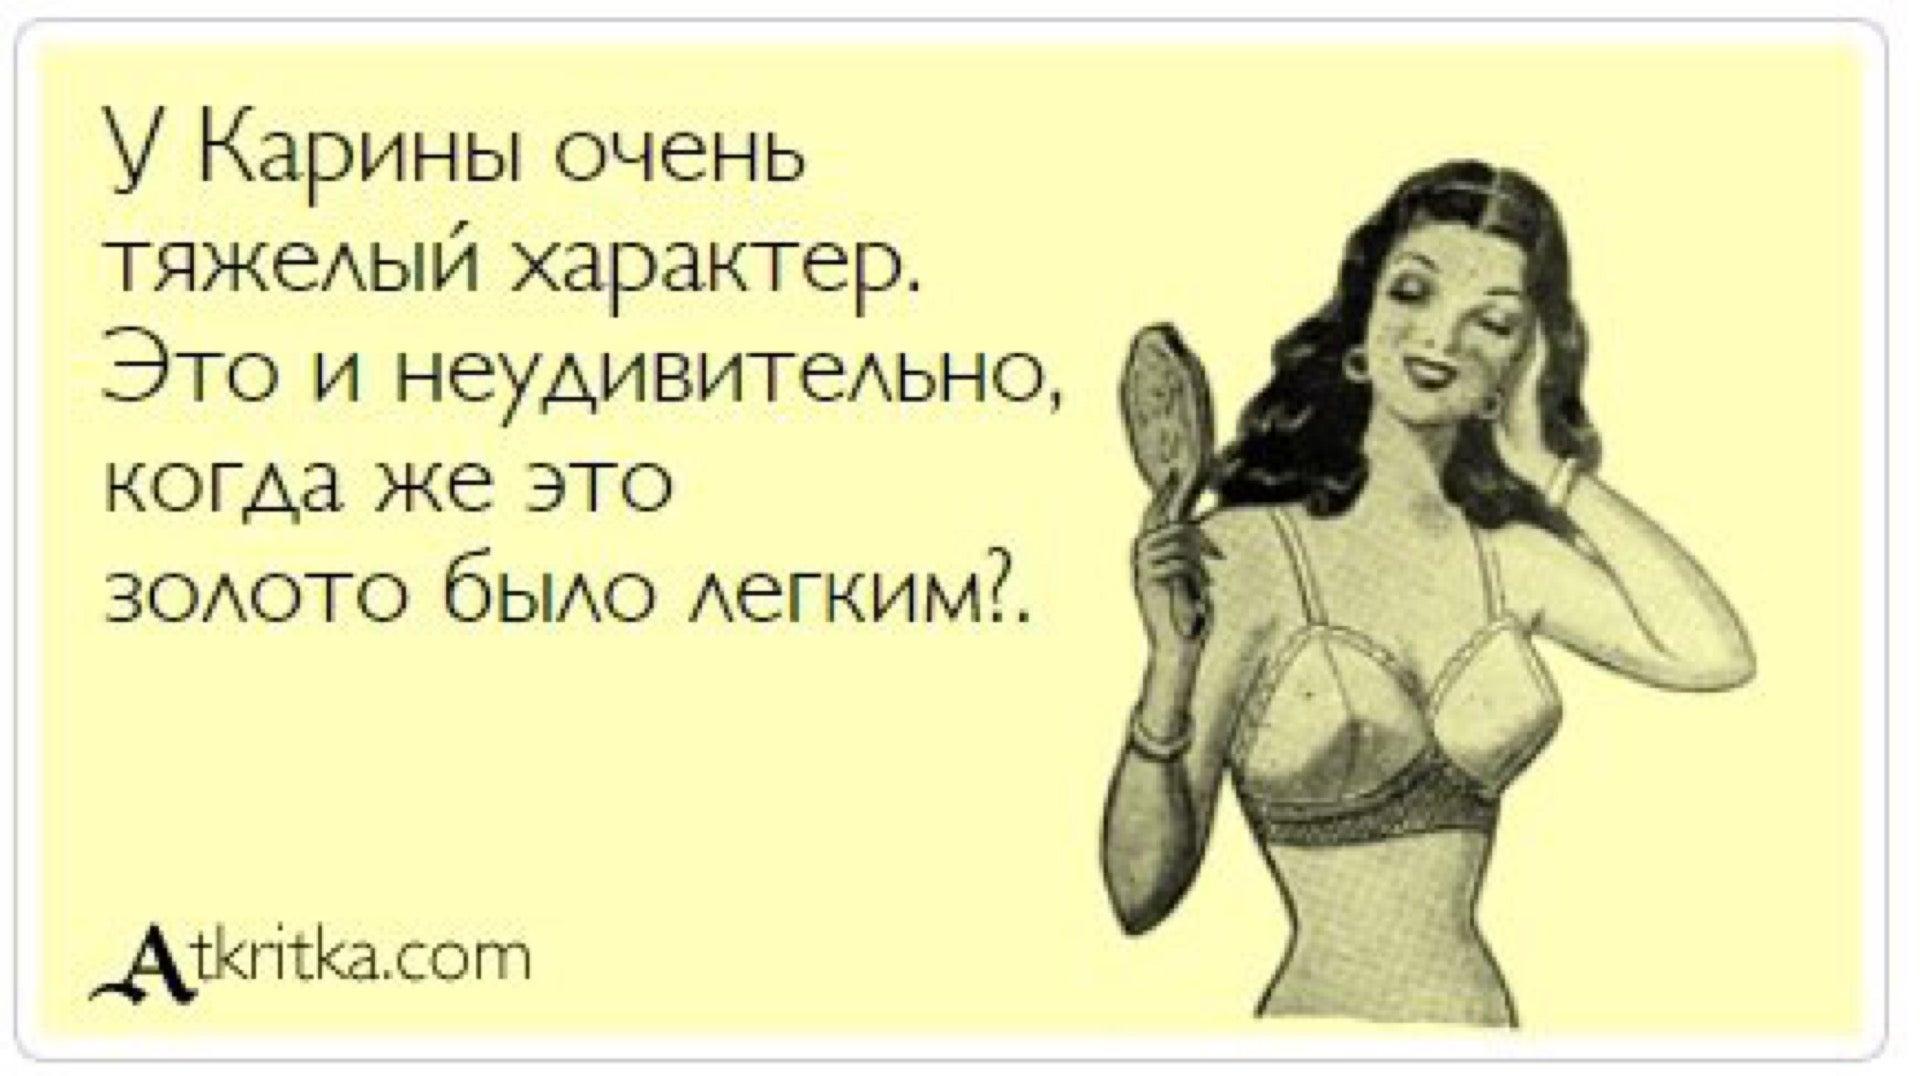 вадик купил 5 открыток по 14 рублей марина купила 3 открытки разница коварными